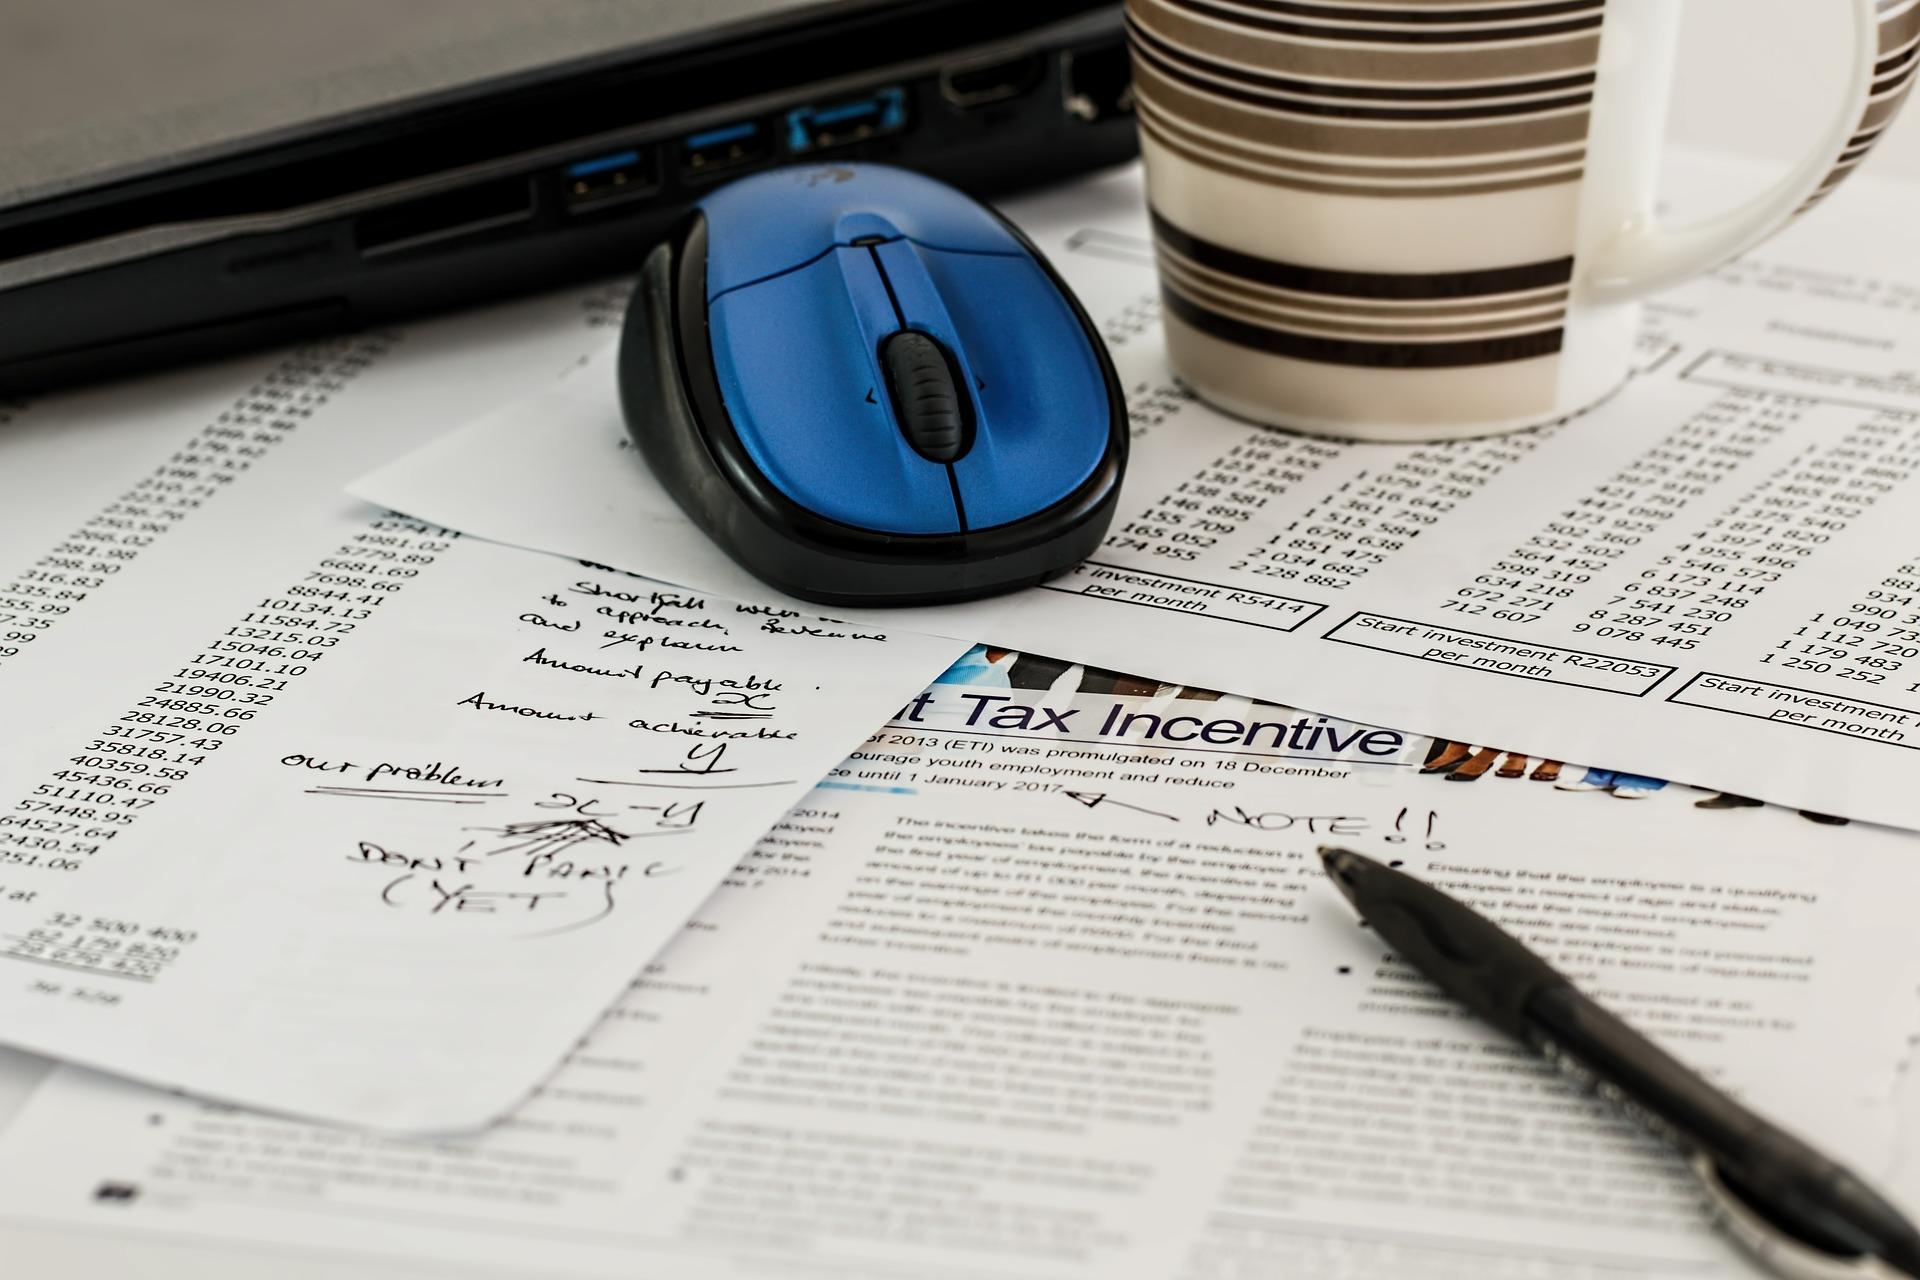 BUYMA(バイマ)で転売する場合の輸入関税の計算について